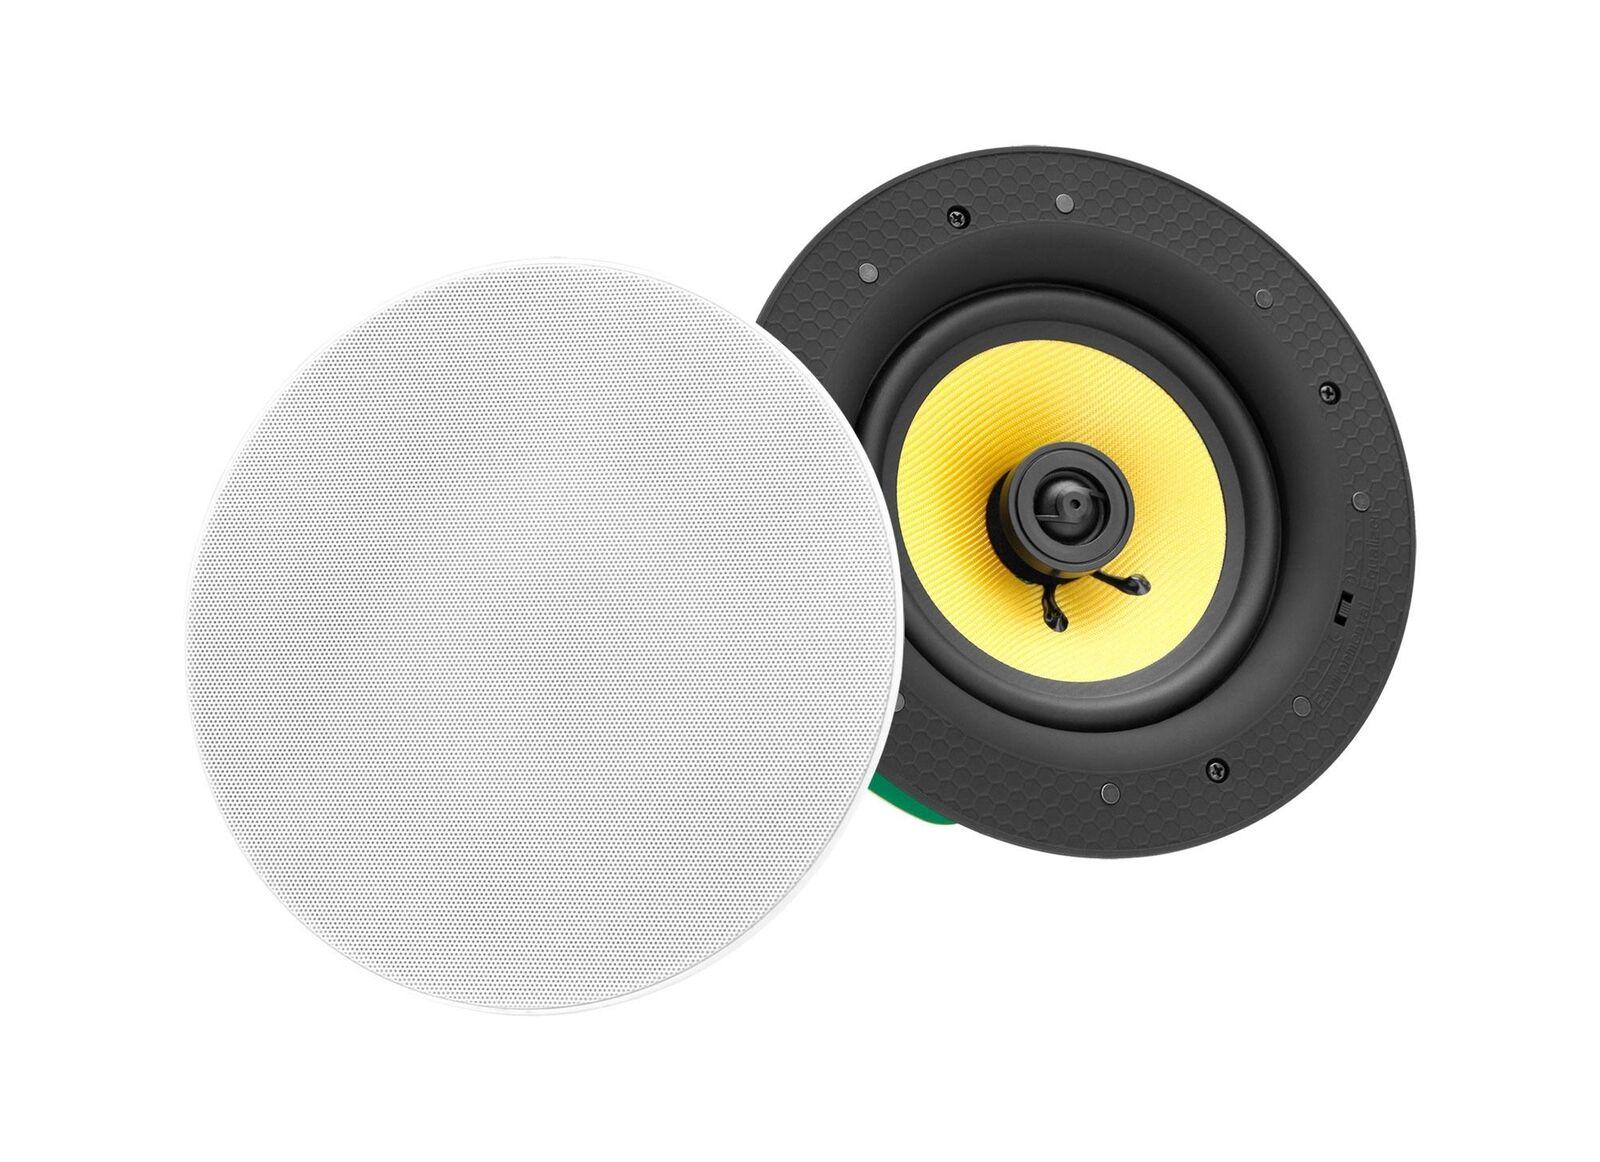 High End End End tejidos instalación altavoces hifi mantas box muro montaje speaker 240w b72b72